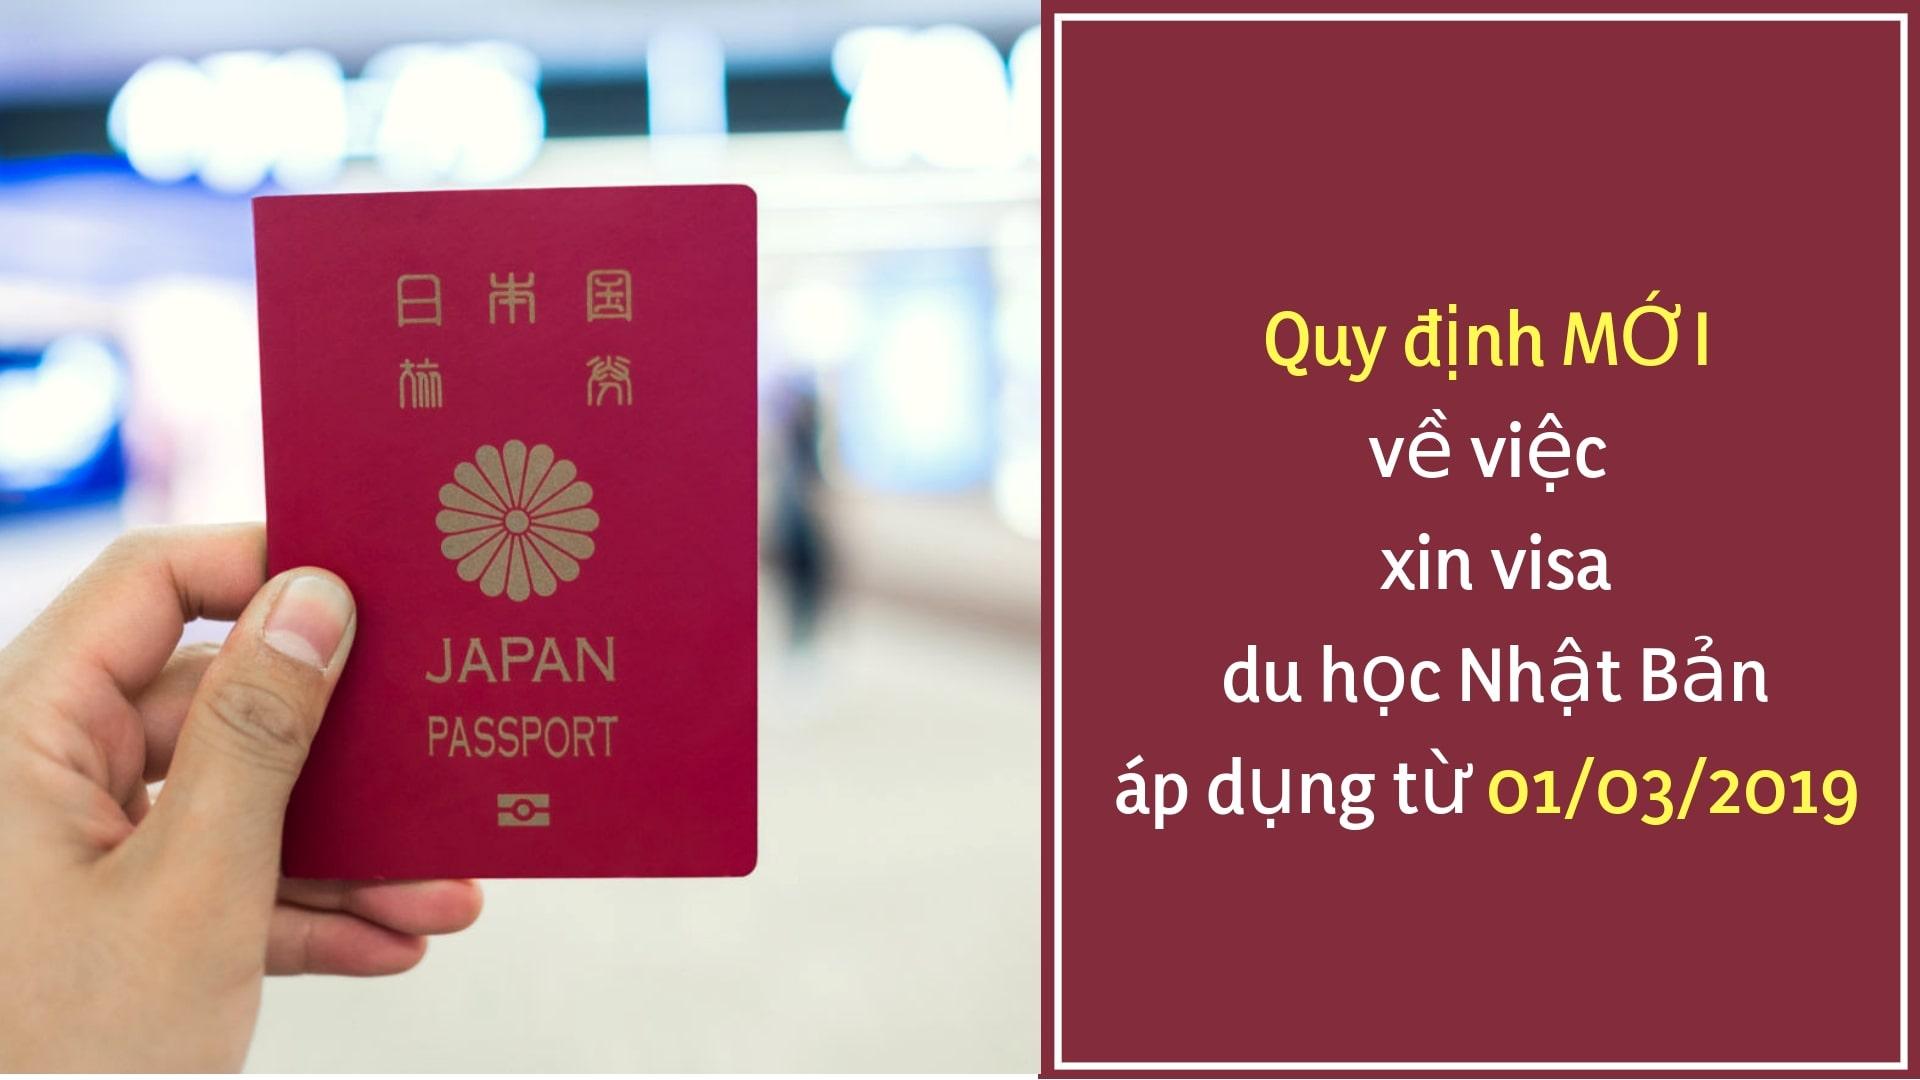 Quy định mới về xin visa du học Nhật Bản 2019